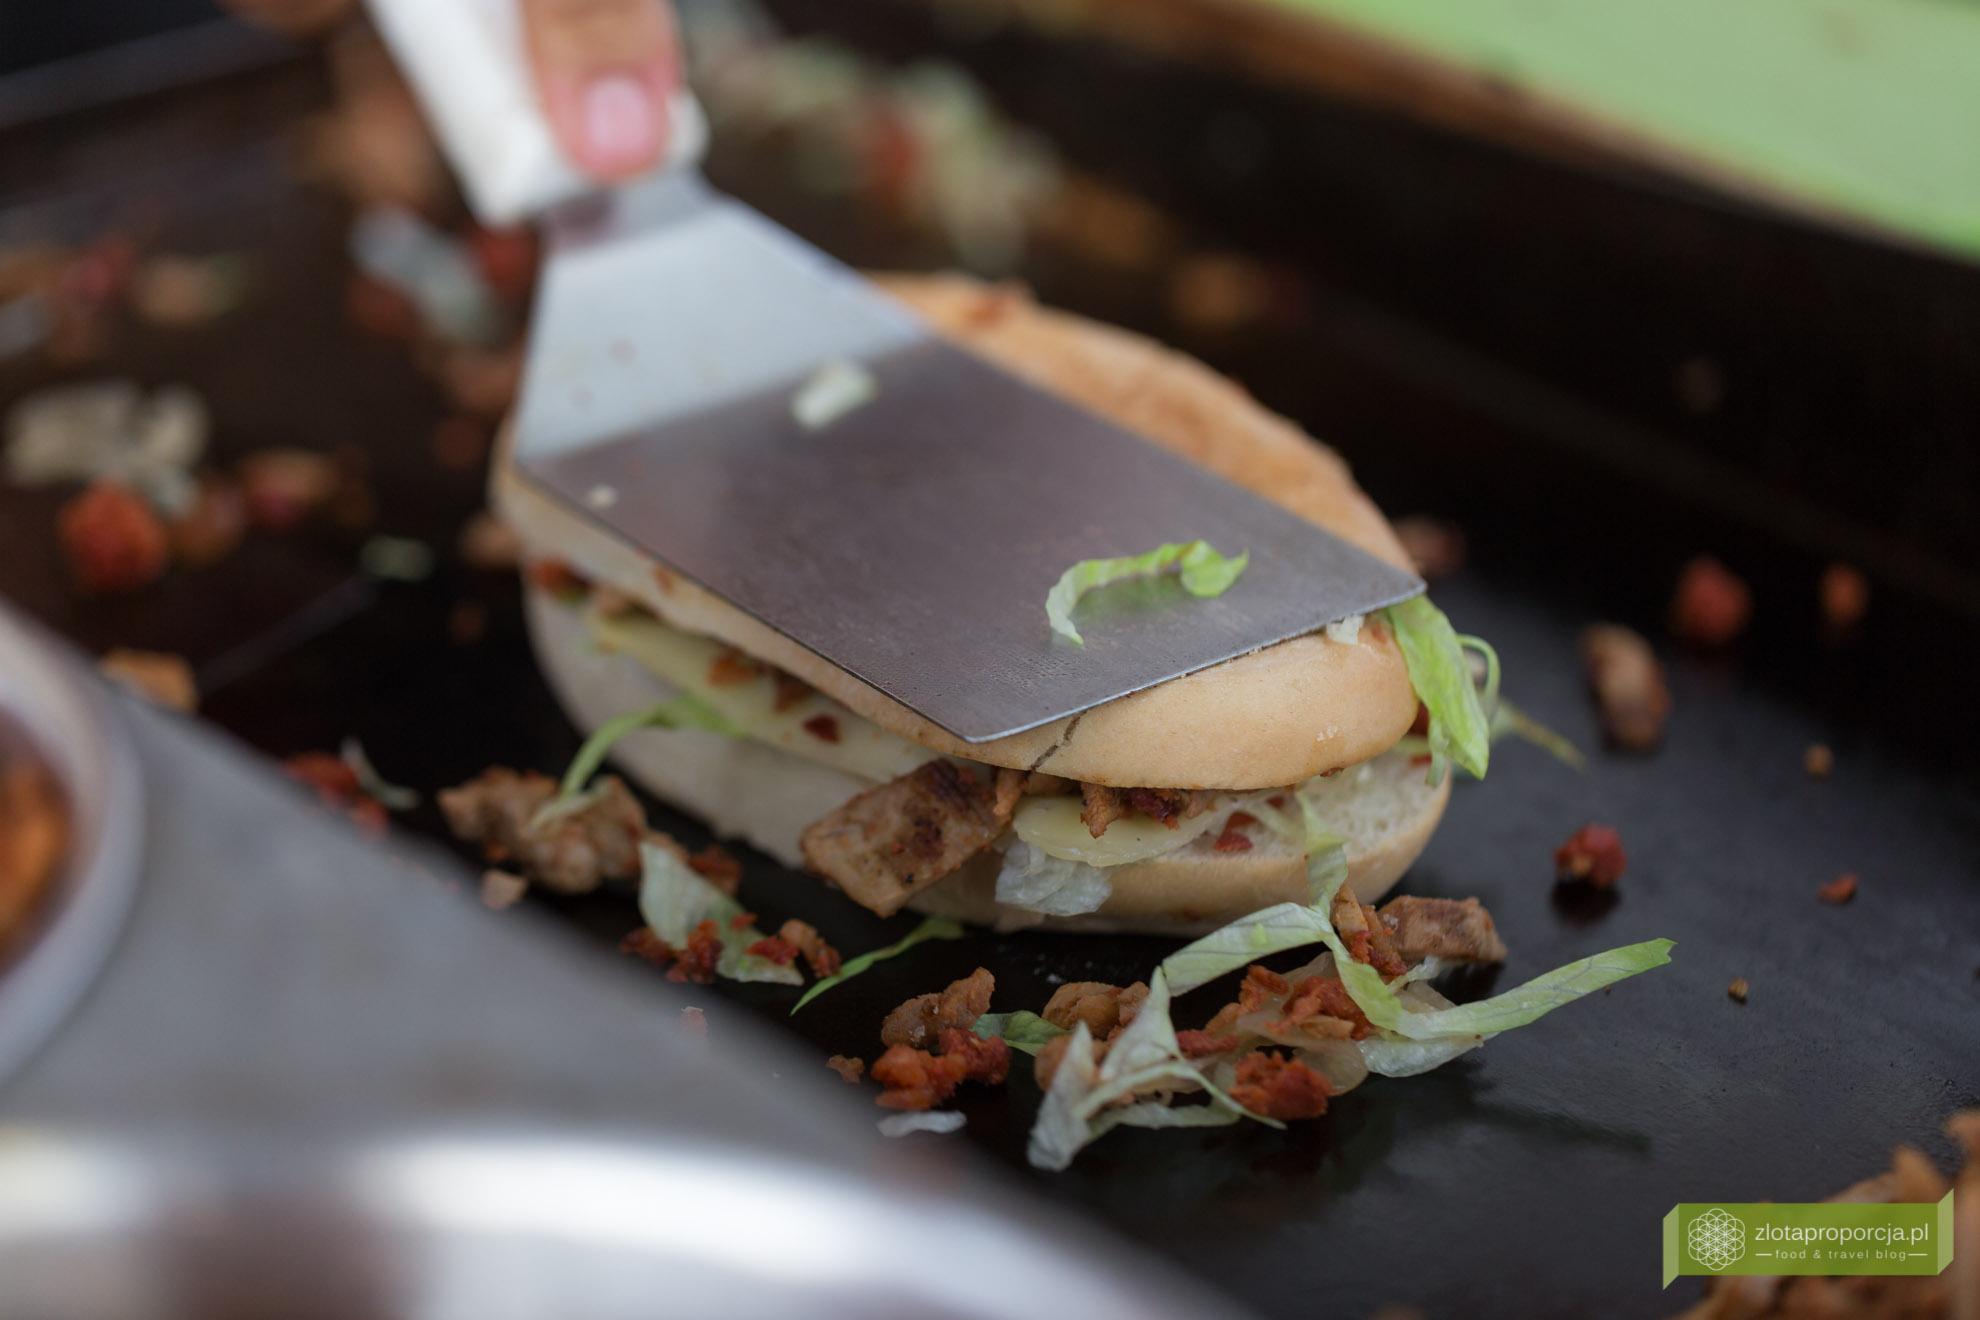 kuchnia Jukatanu, kuchnia meksykańska, meksykańskie potrawy, potrawy na Jukatanie, meksykański street food, torta